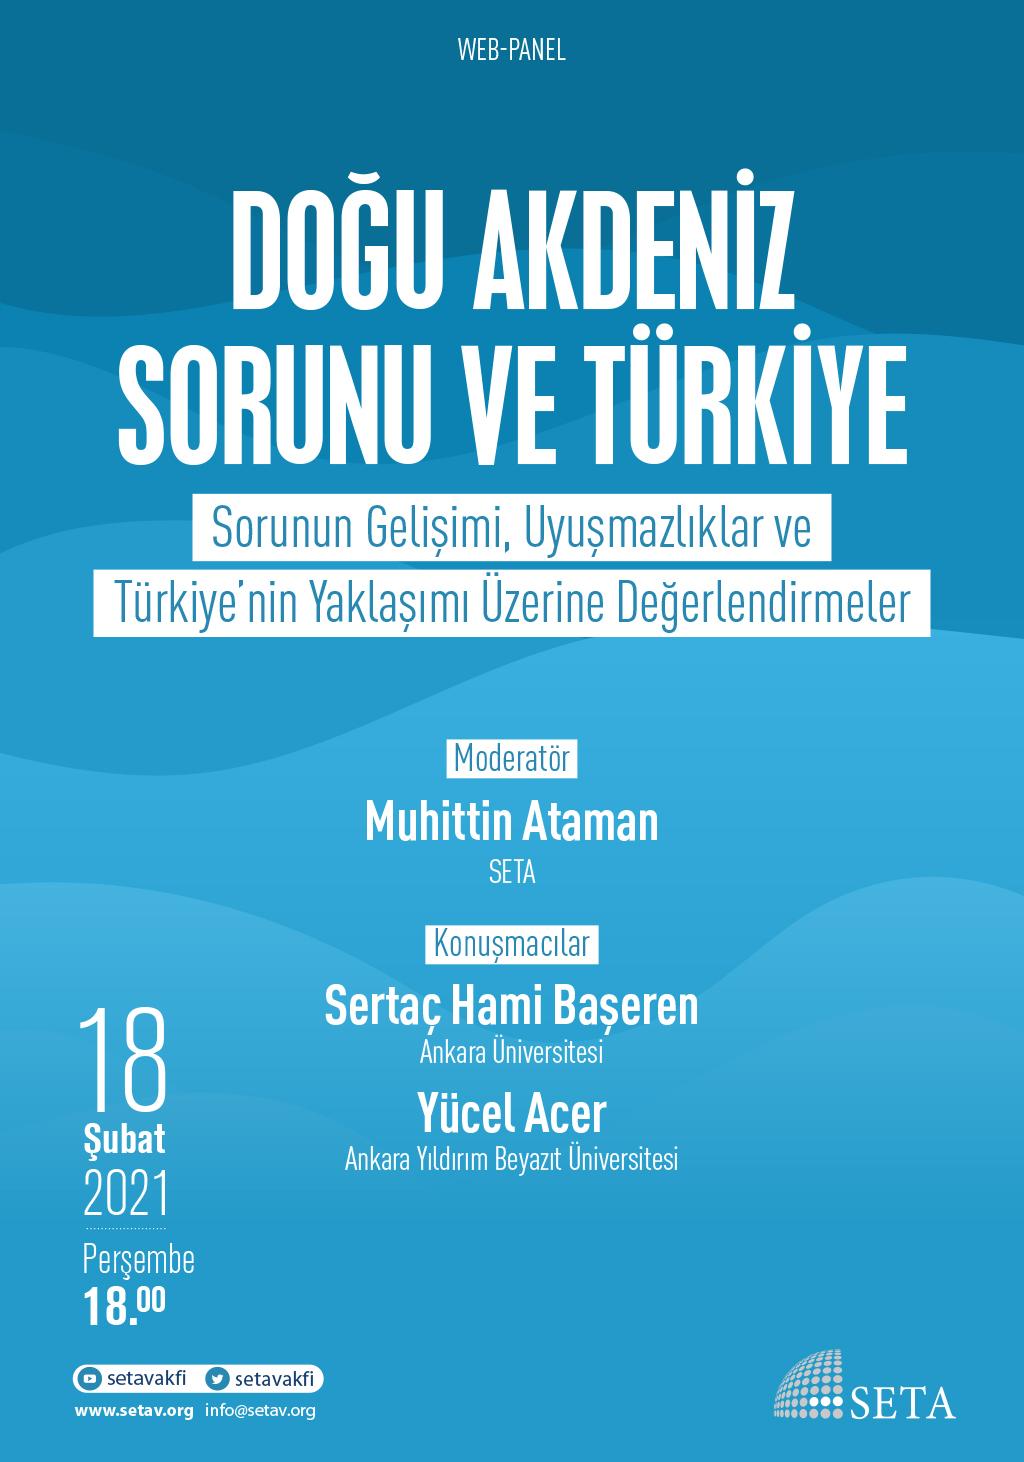 Web Panel: Doğu Akdeniz Sorunu ve Türkiye   Sorunun Gelişimi, Uyuşmazlıklar ve Türkiye'nin Yaklaşımı Üzerine Değerlendirmeler